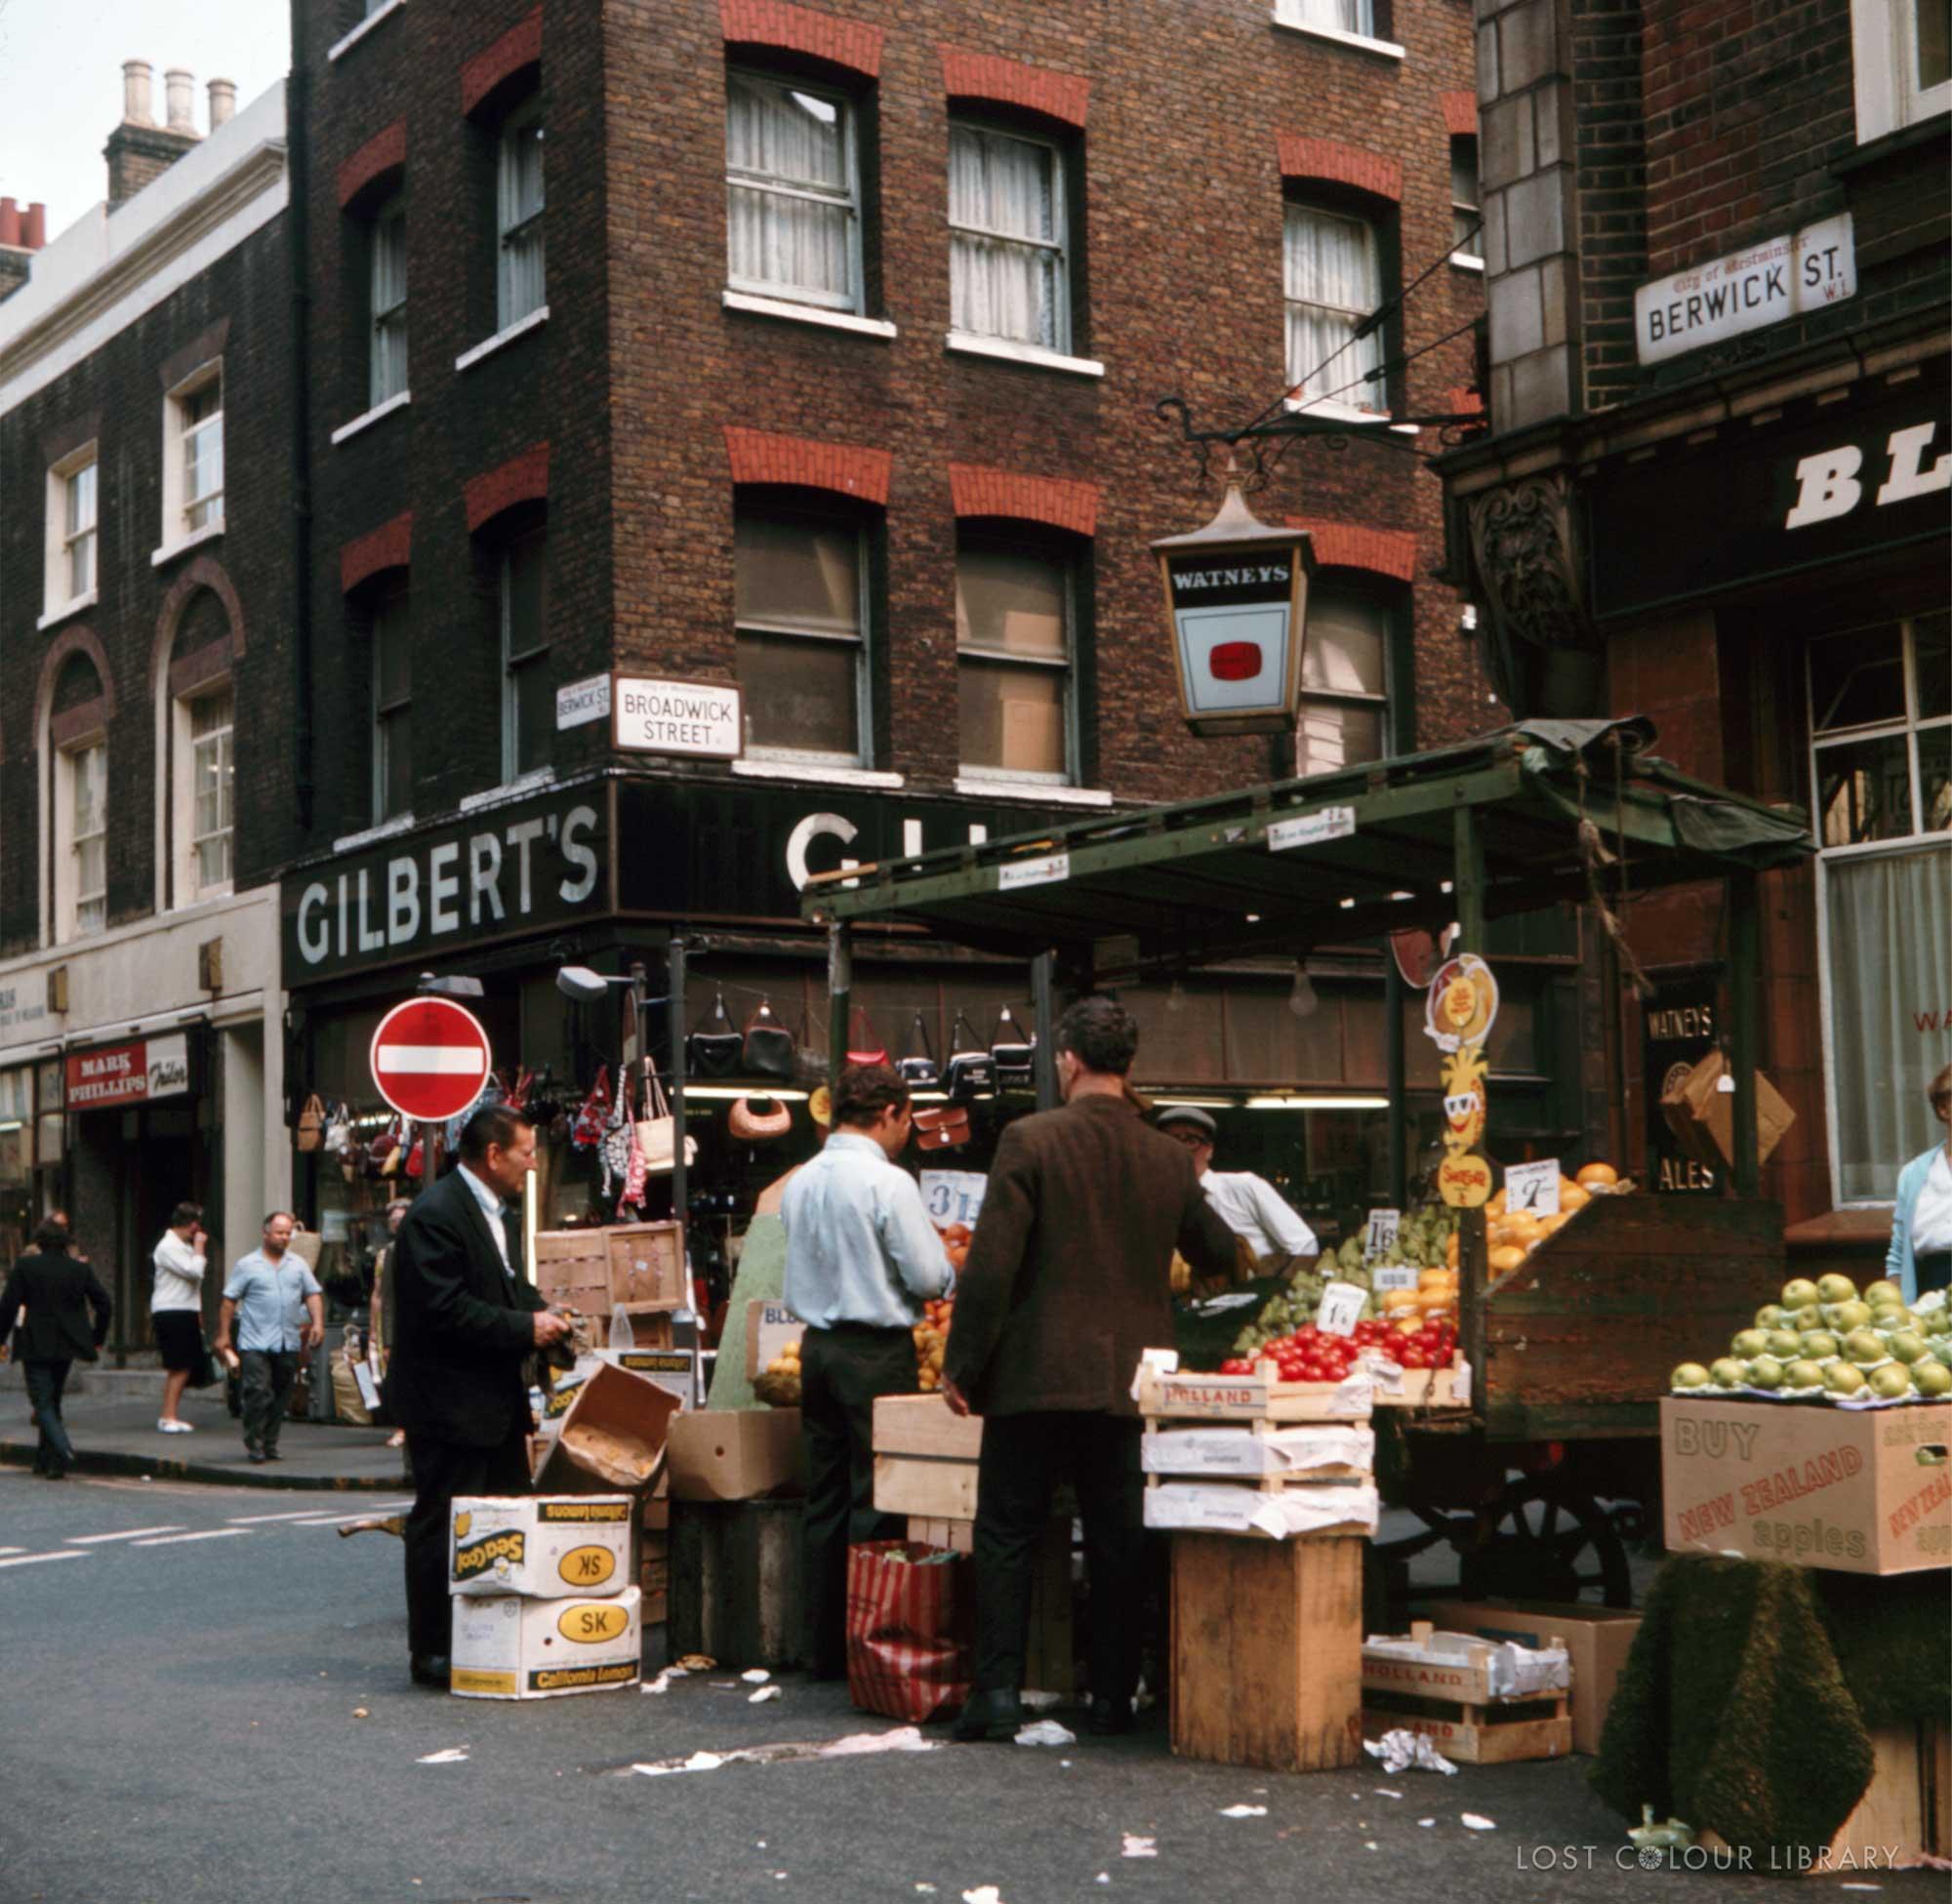 lcl-ww-berwick-street-soho-1970-site-wm.jpg